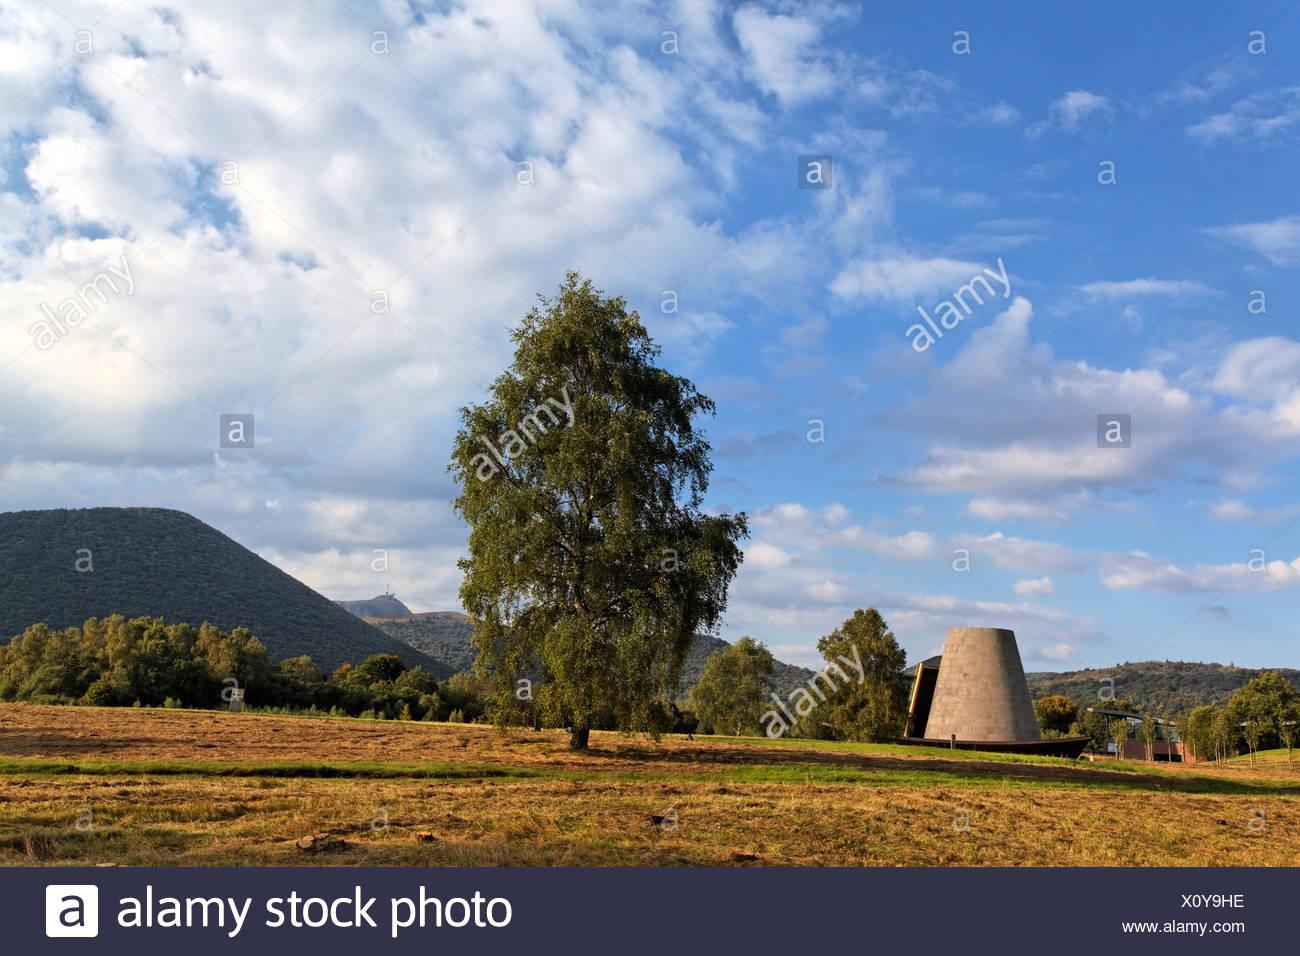 Vulcania, volcan thème et parc de loisirs, Saint Ours, Parc Naturel Régional des Volcans d'Auvergne, les volcans d'Auvergne Parc Naturel Photo Stock